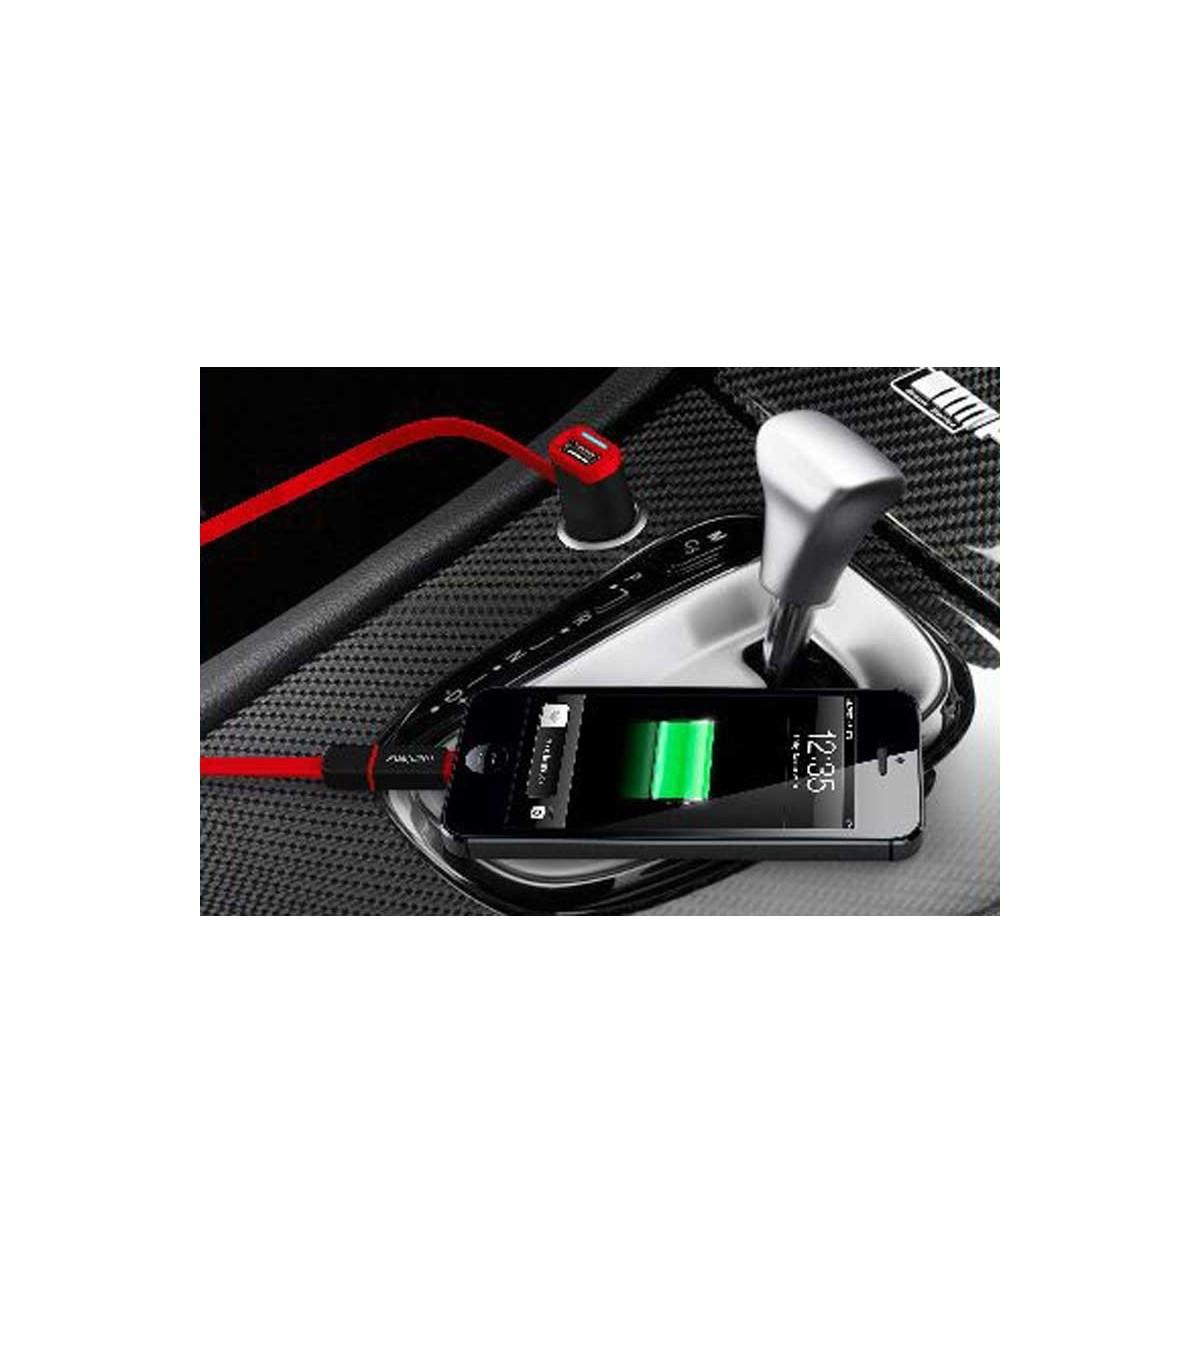 شارژر فندکی خودرو Fujipower Mini Car Charger With MicroUSB/Lightning Cable